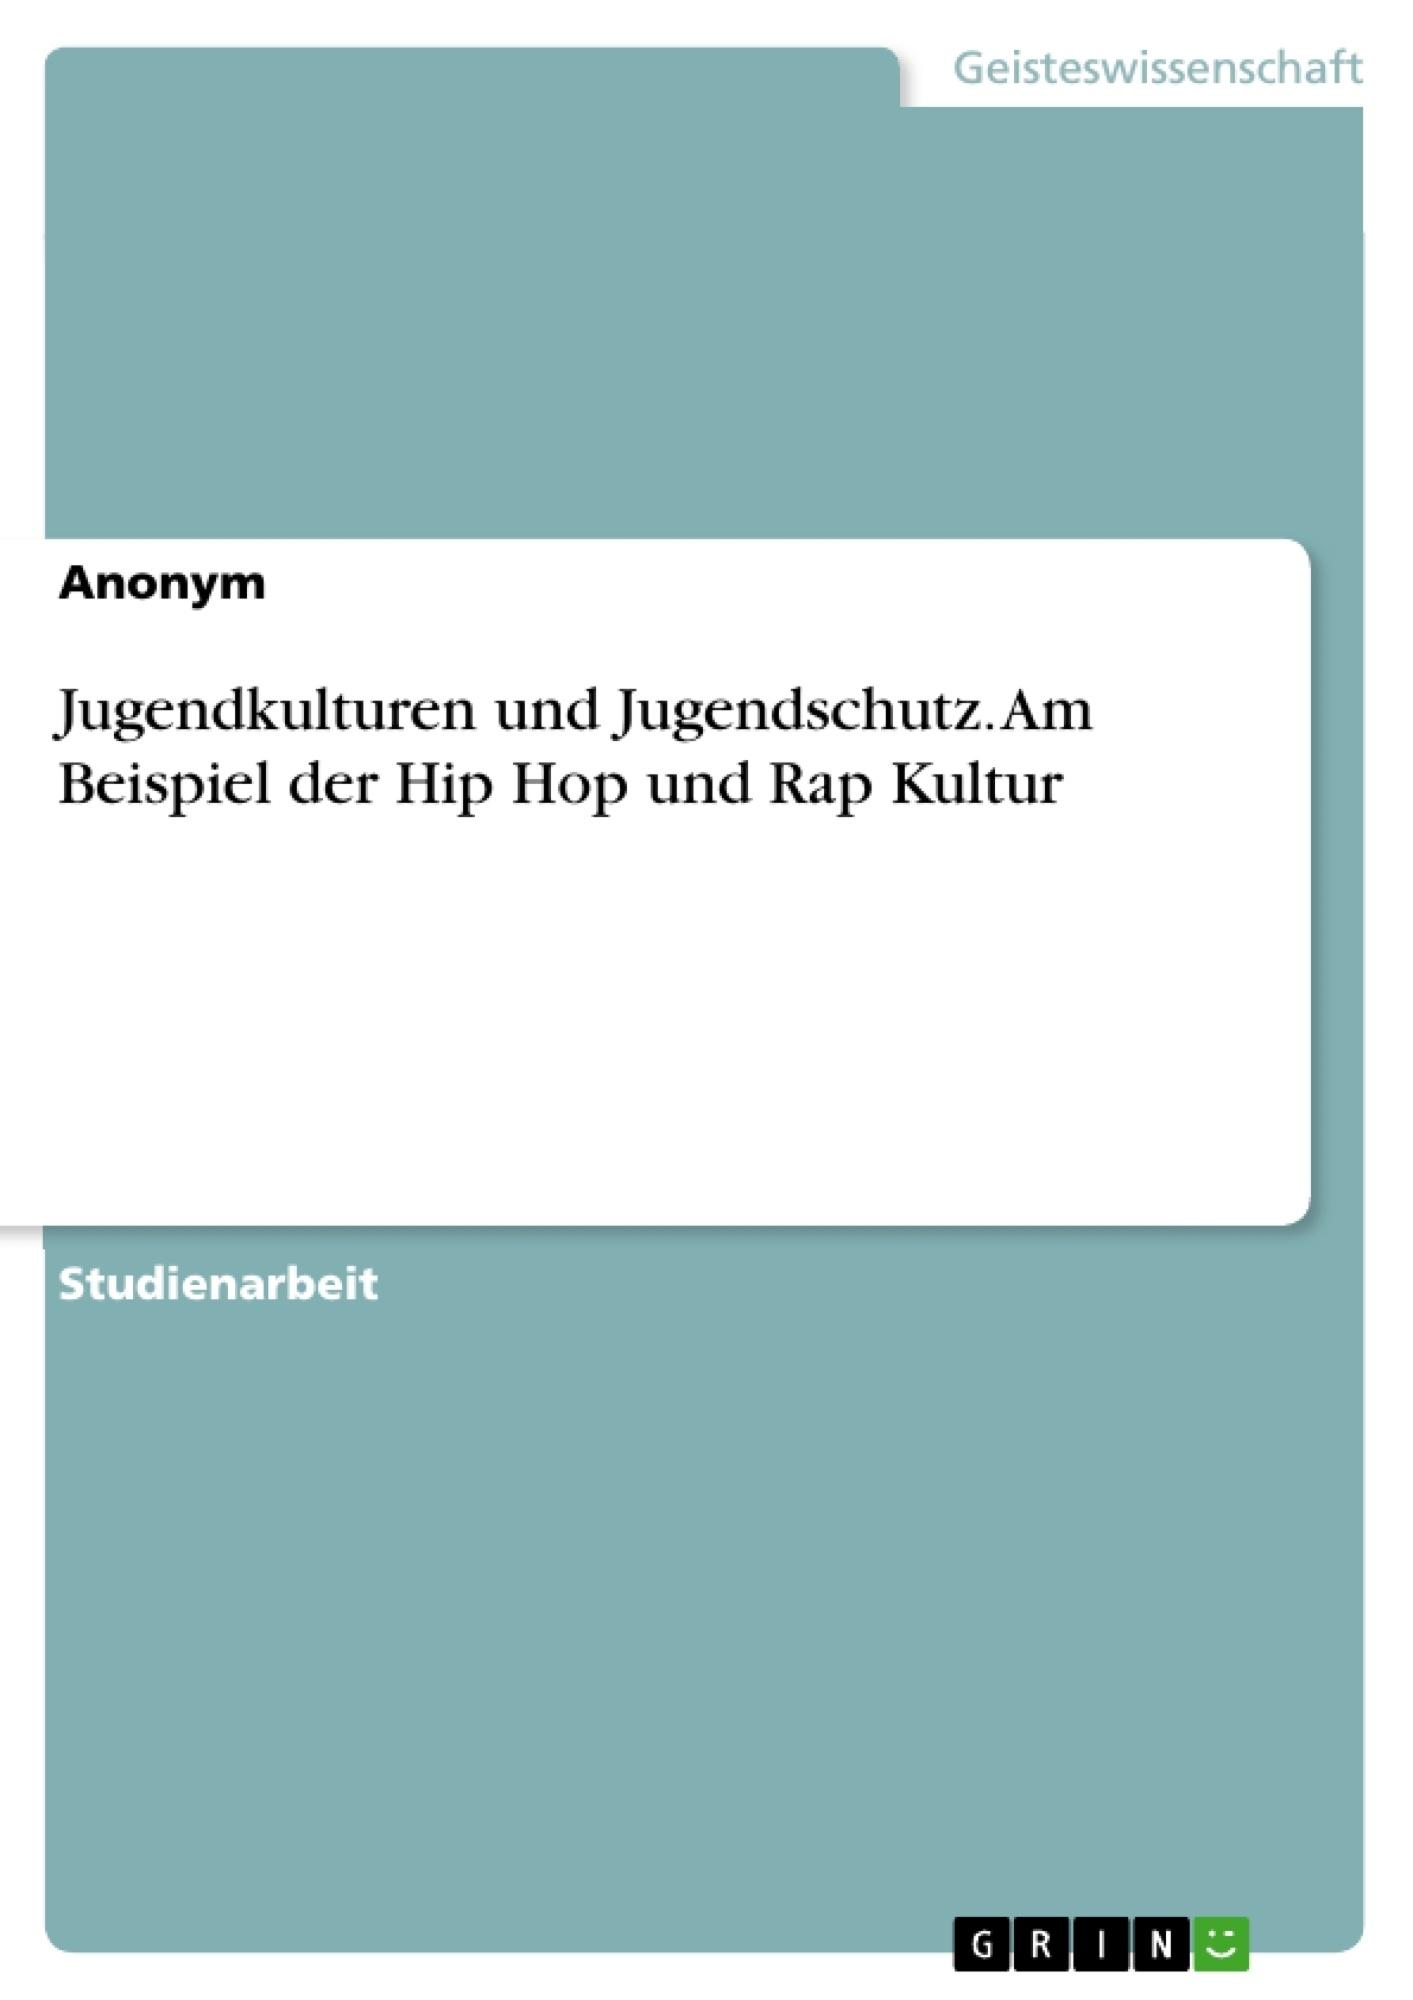 Titel: Jugendkulturen und Jugendschutz. Am Beispiel der Hip Hop und Rap Kultur